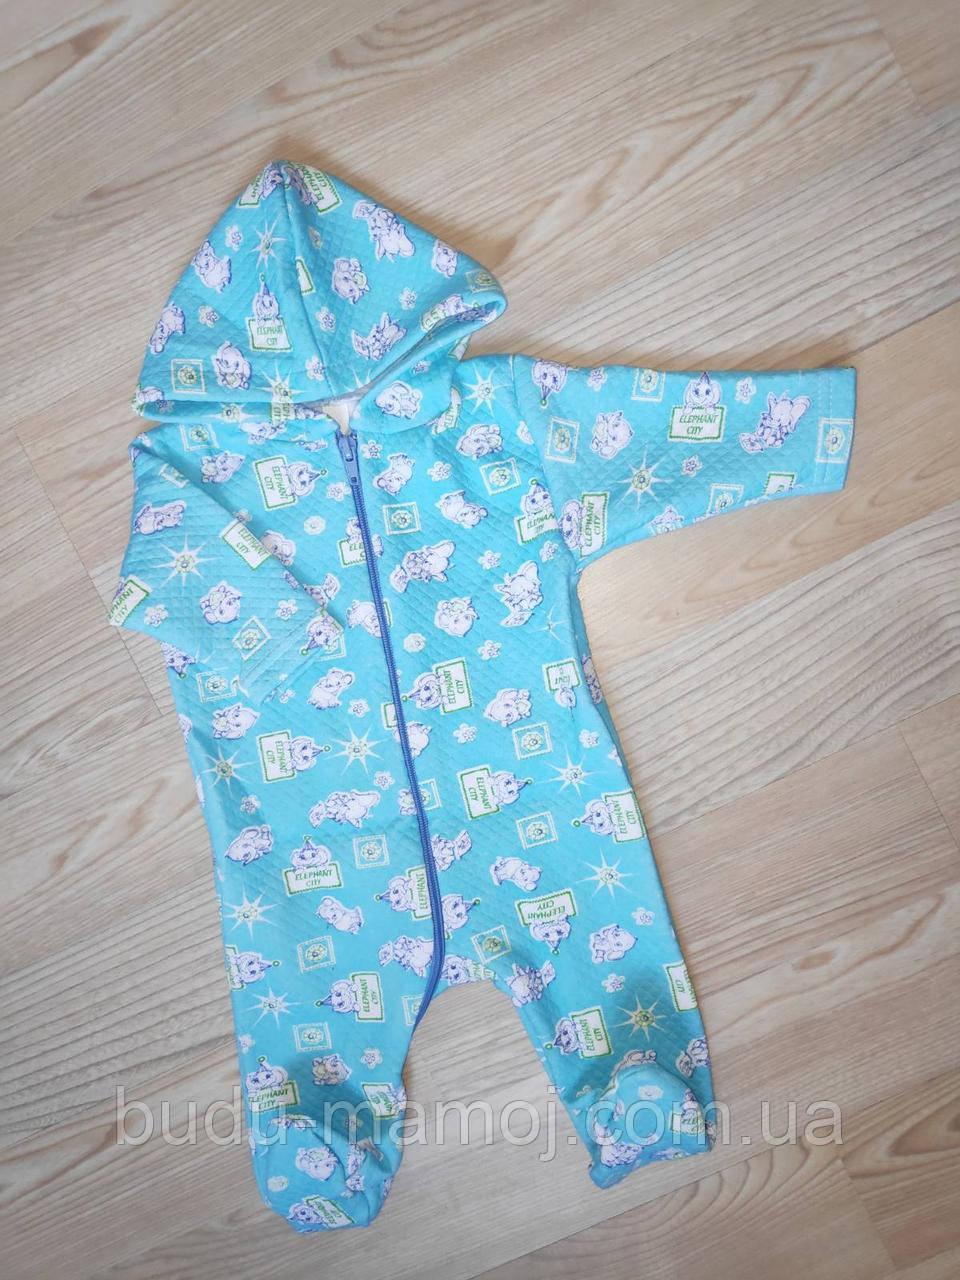 Осенний комбинезон для новорожденного на выписку и для прогулок 56/62 размер